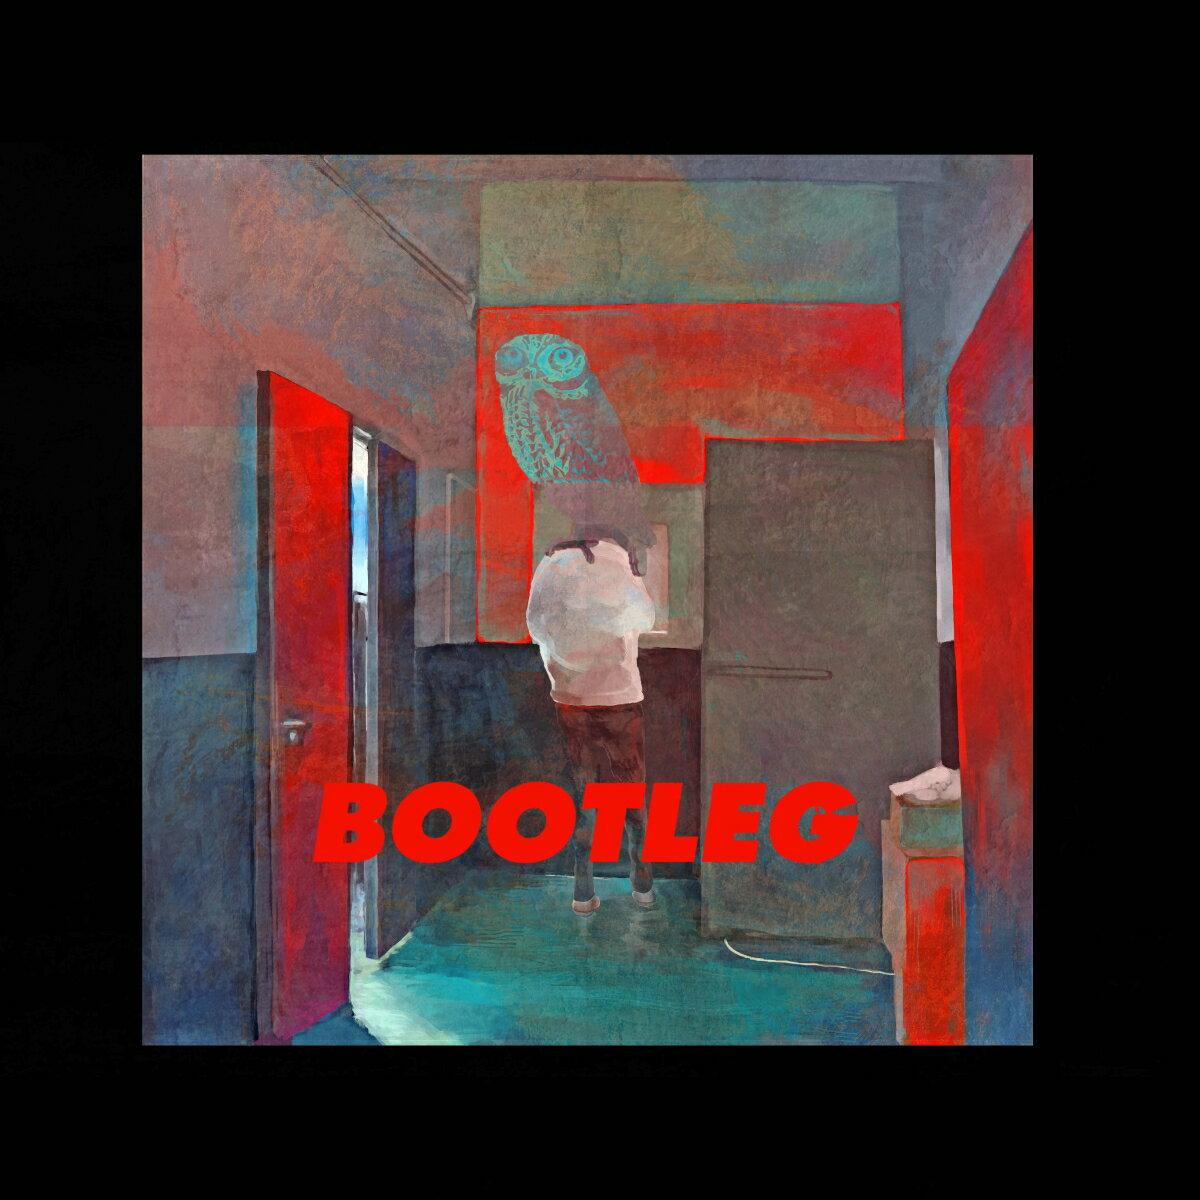 【先着特典】BOOTLEG (通常盤) (フィルムシート付き) [ 米津玄師 ]